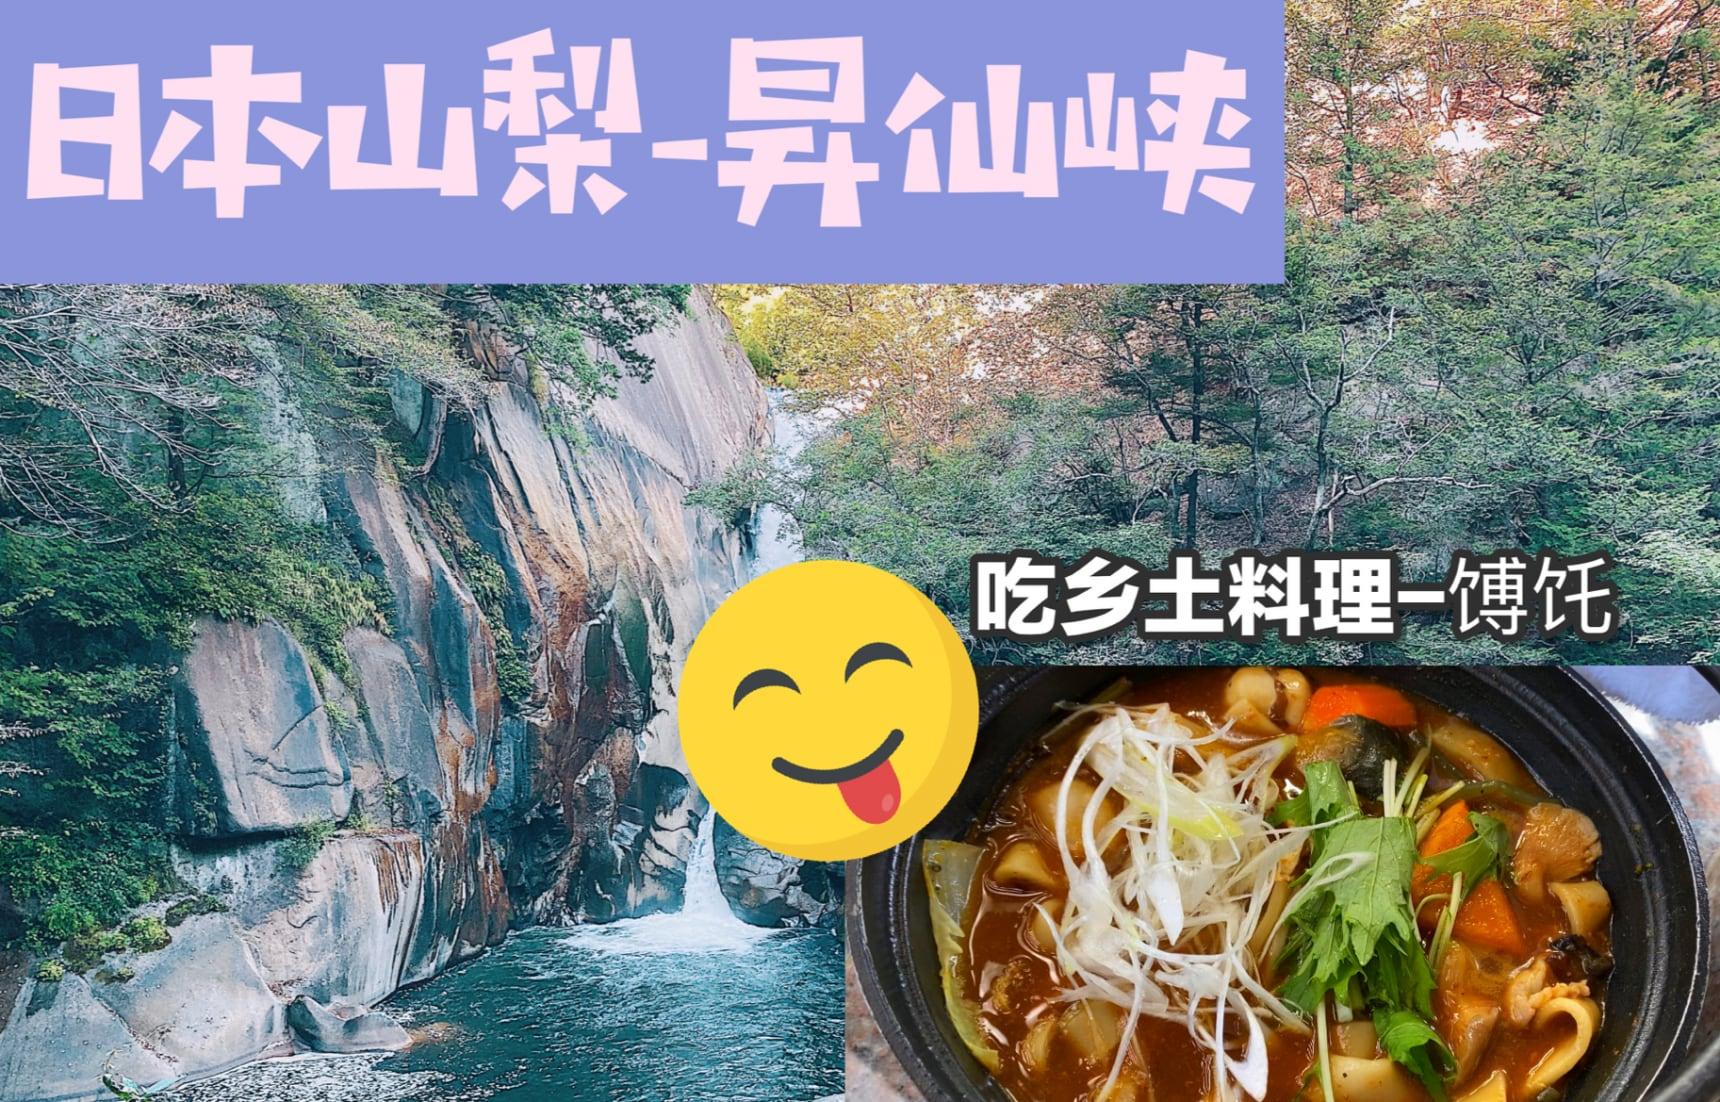 """日本山梨2天1夜:游昇仙峡,吃本土料理""""馎饦"""" ——亲近自然之旅"""